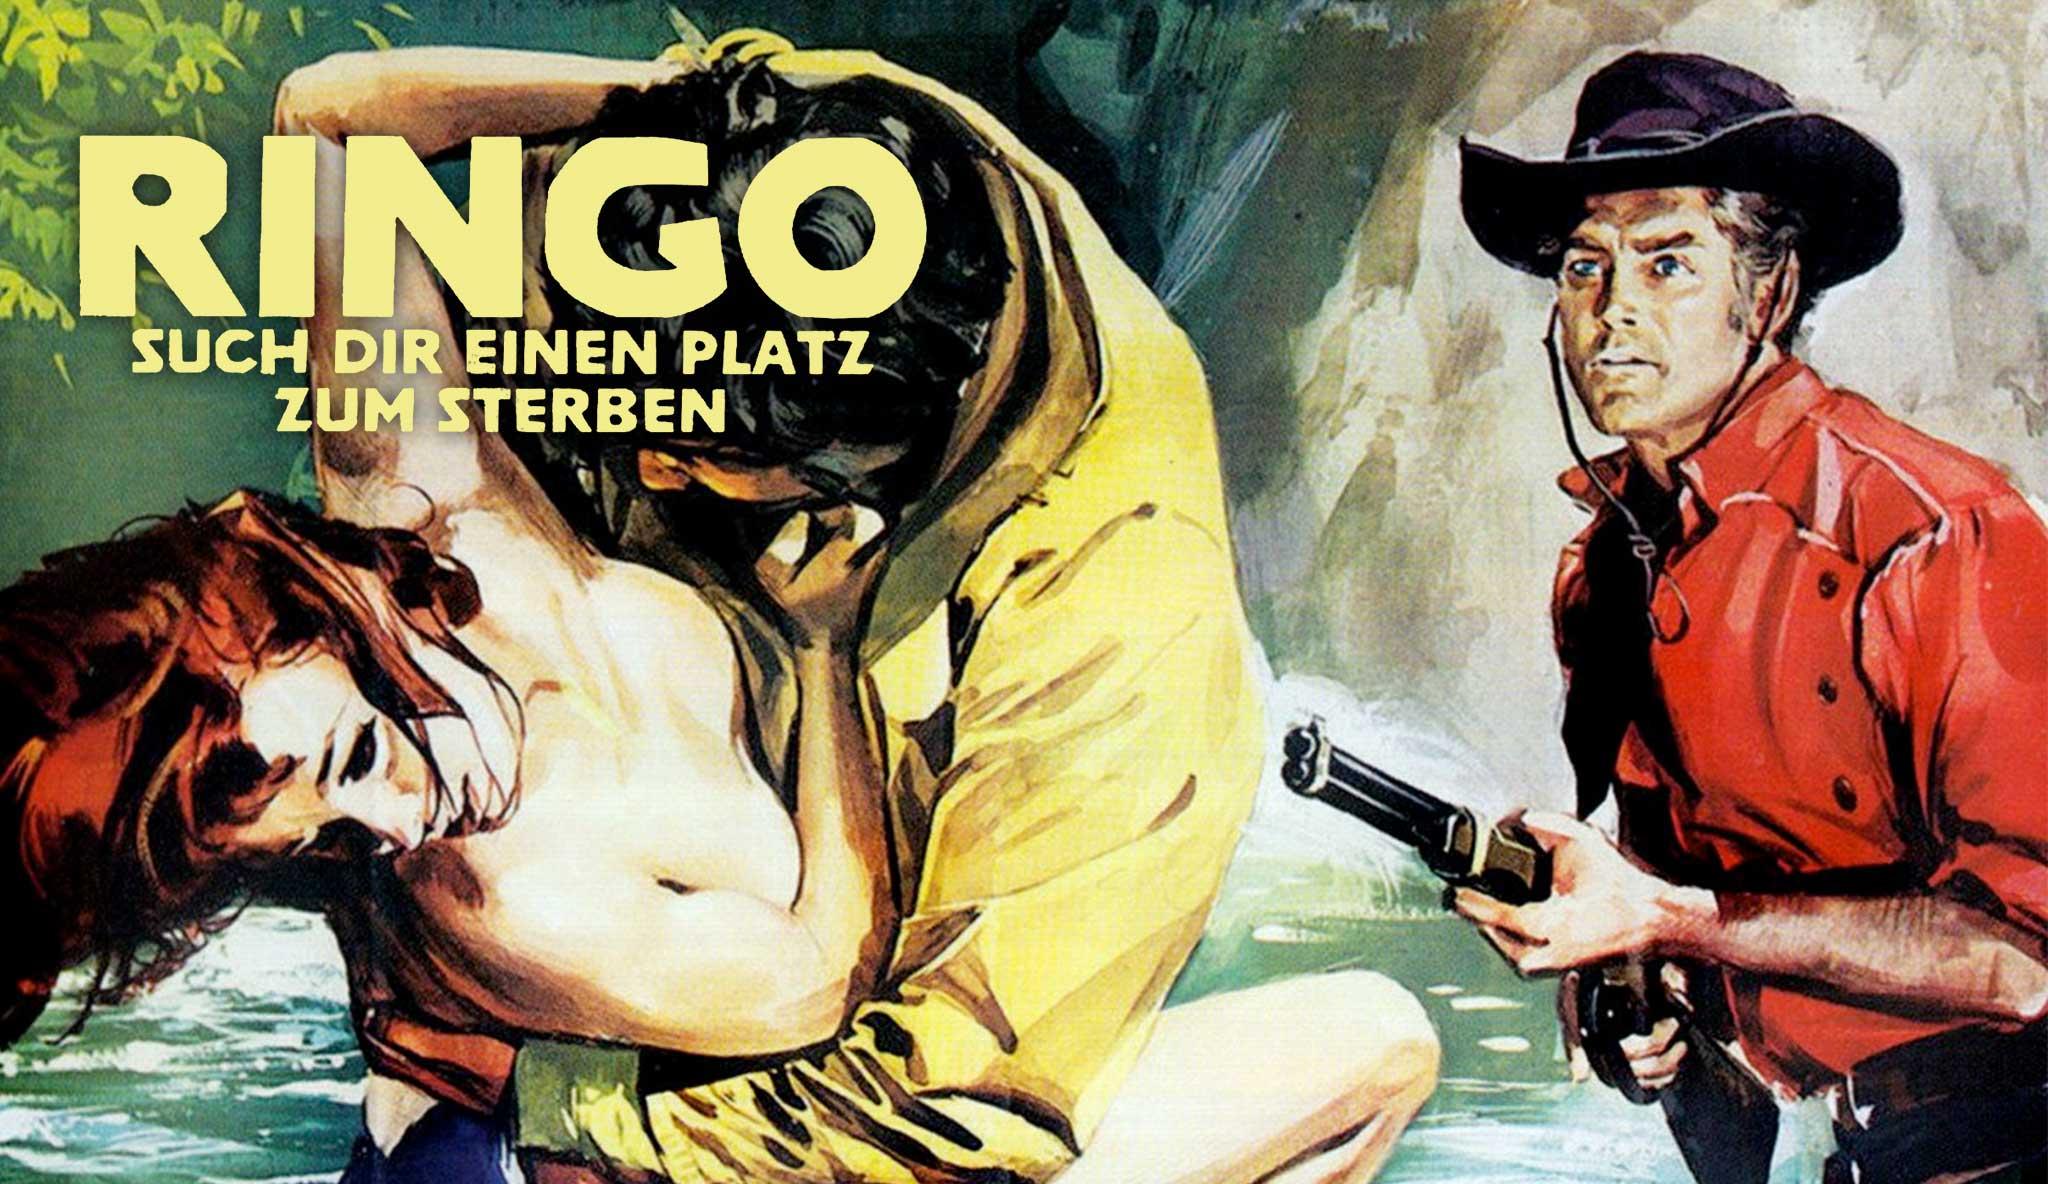 ringo-such-dir-einen-platz-zum-sterben\header.jpg